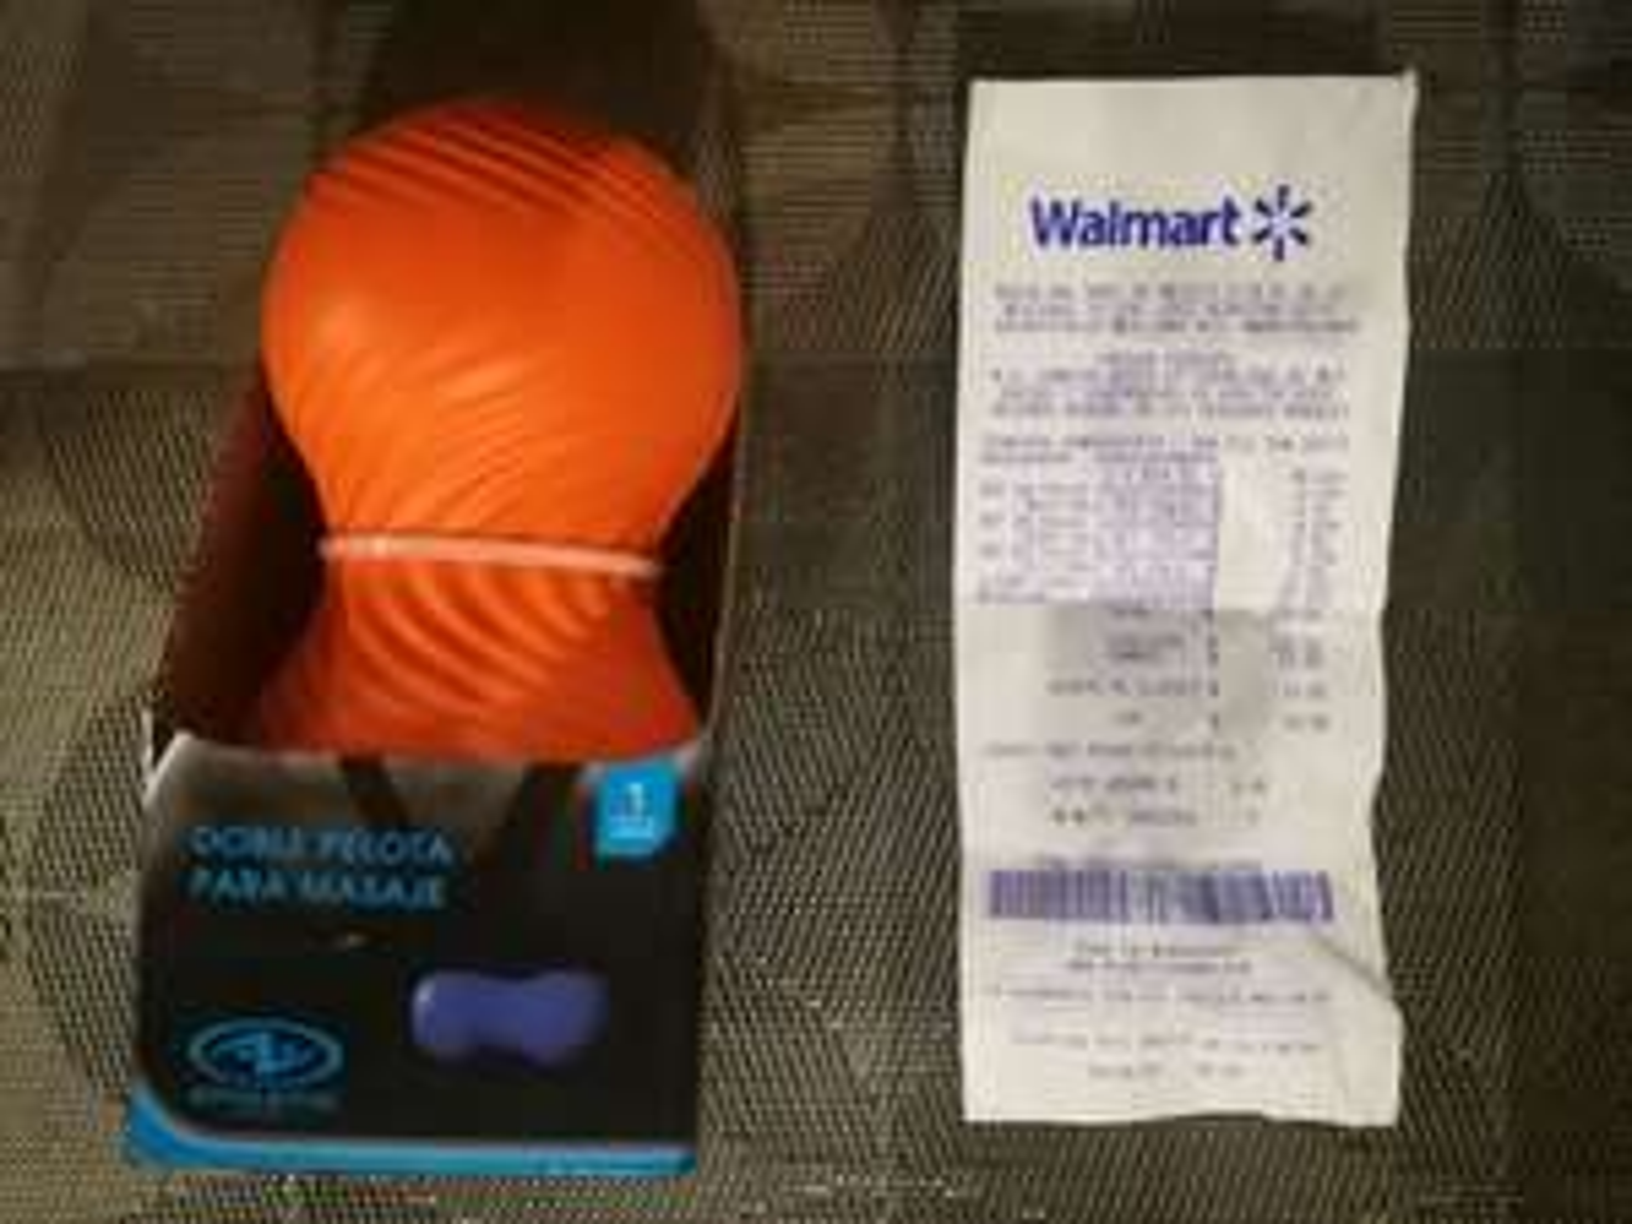 Walmart Pirules: Doble pelota para masaje Athletic en última liquidación $24.01 y algo más.